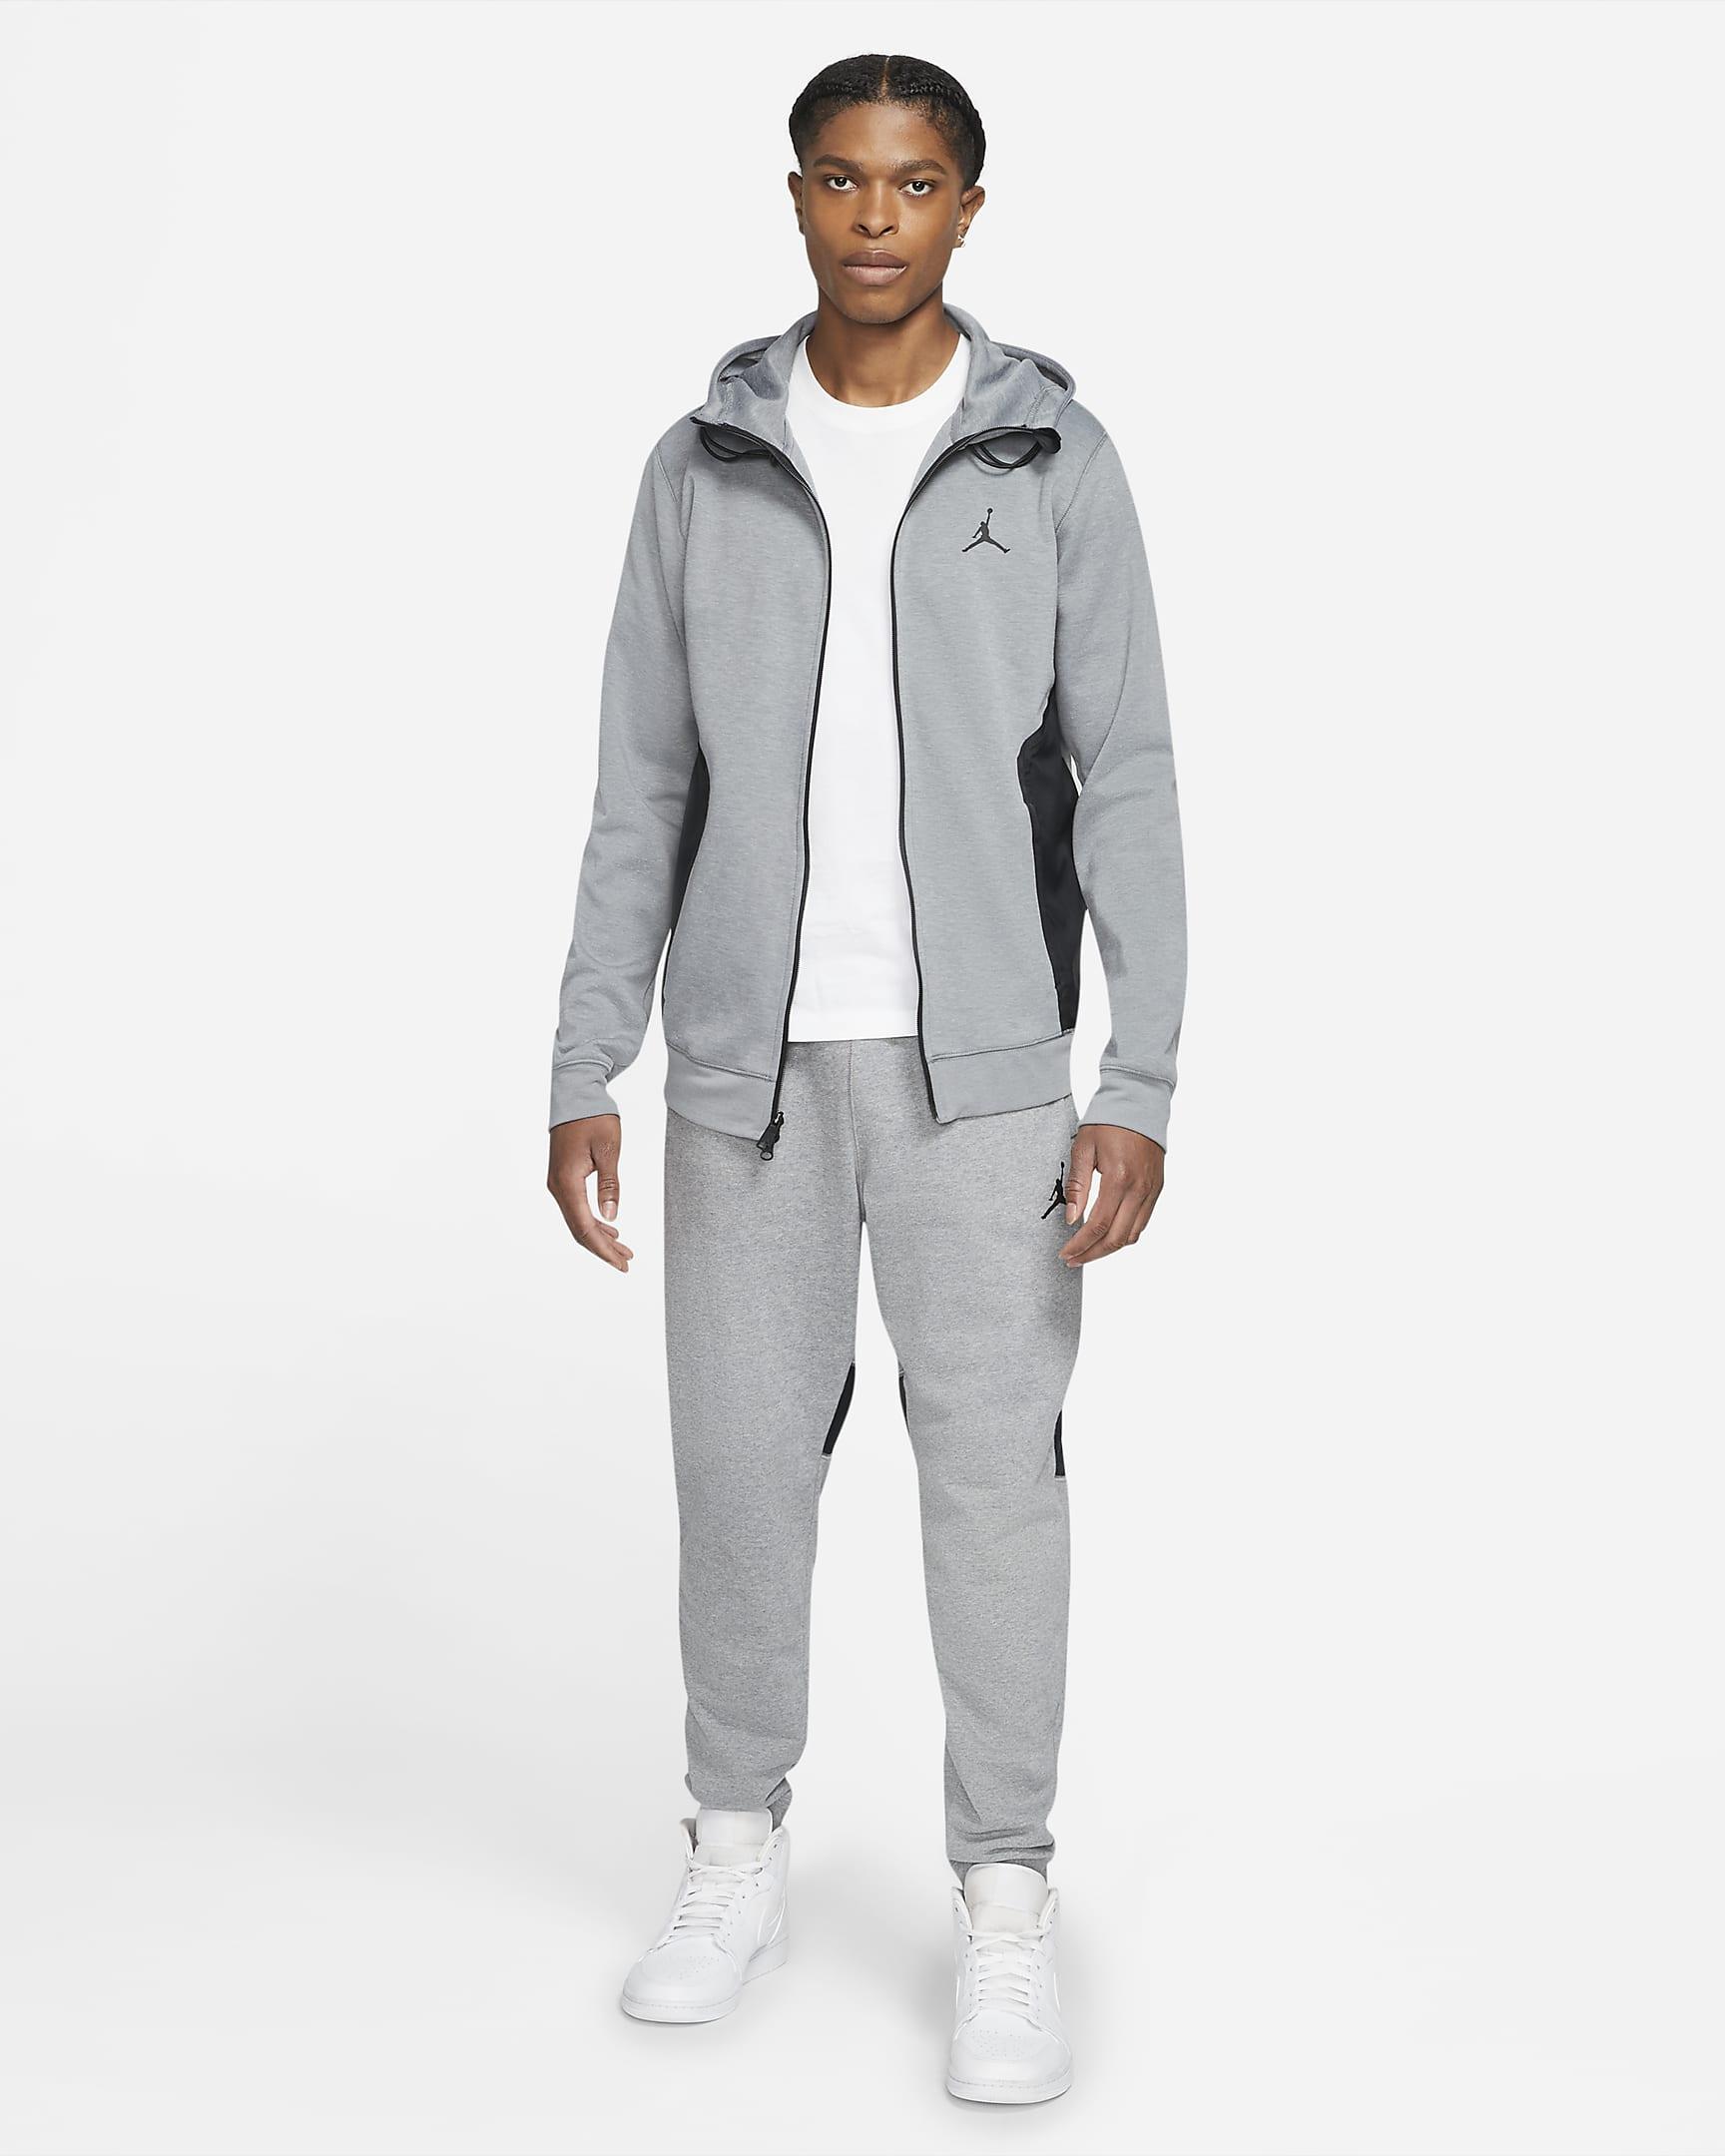 jordan-dri-fit-air-mens-statement-fleece-full-zip-hoodie-pVtTKN-6.png